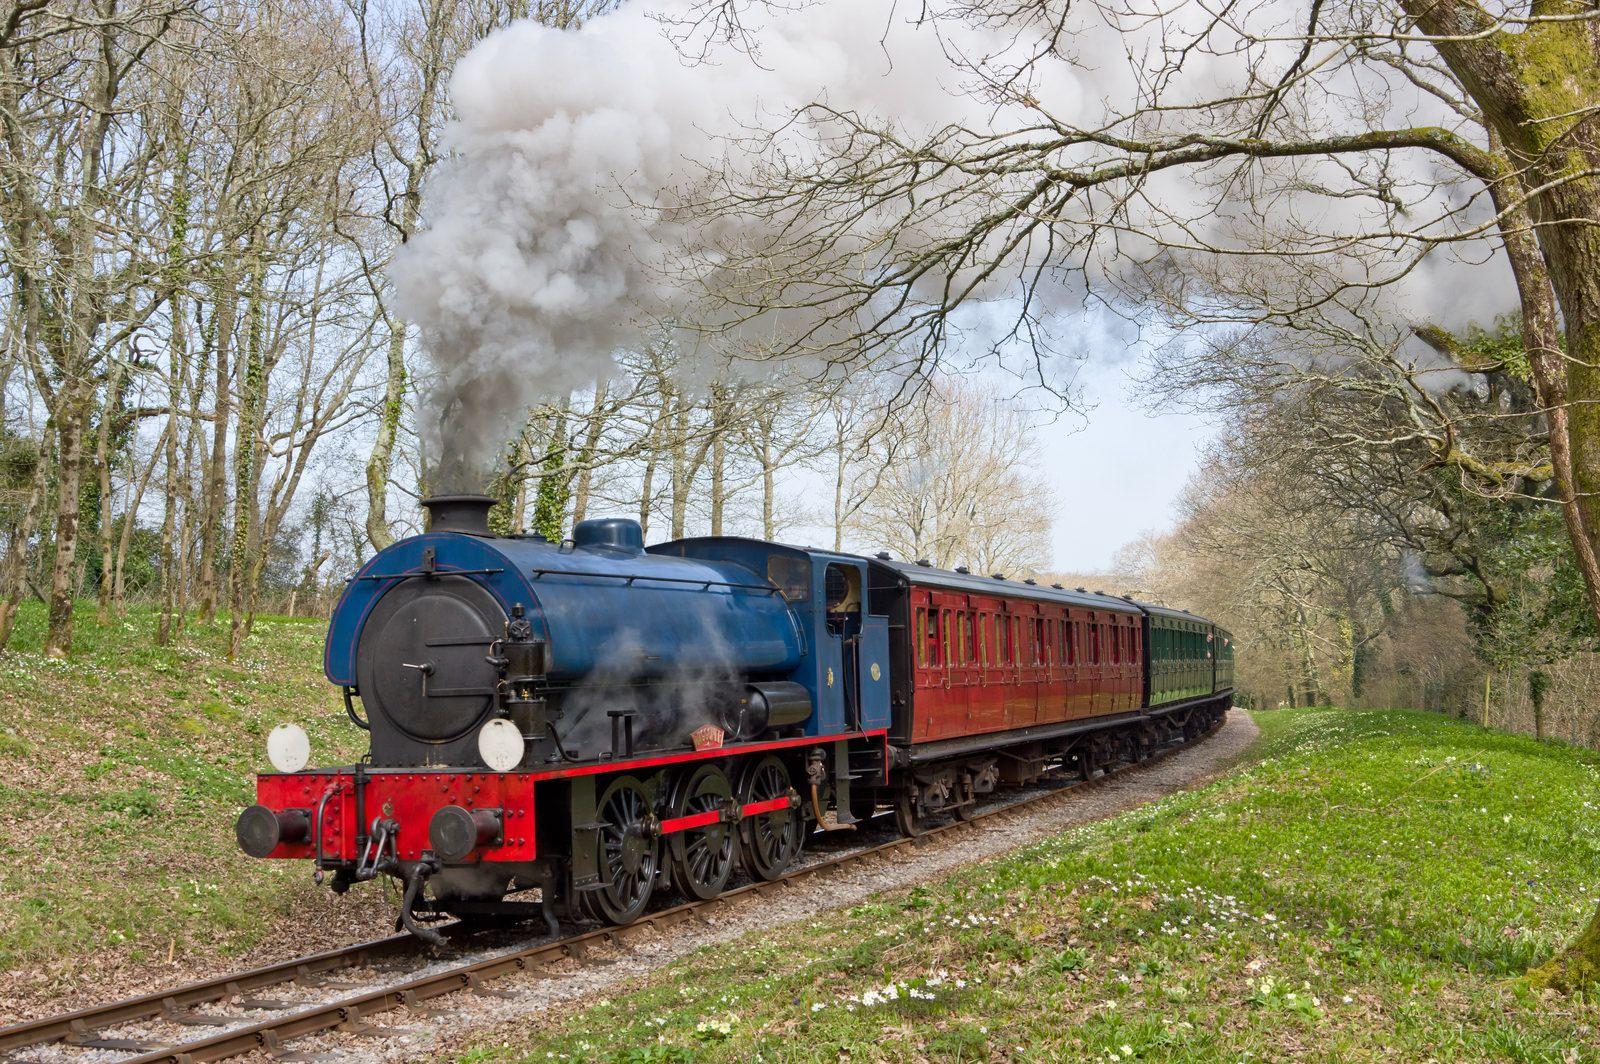 2015 04 06 028 K3 02100 Steam Trains Steam Engine Trains Train